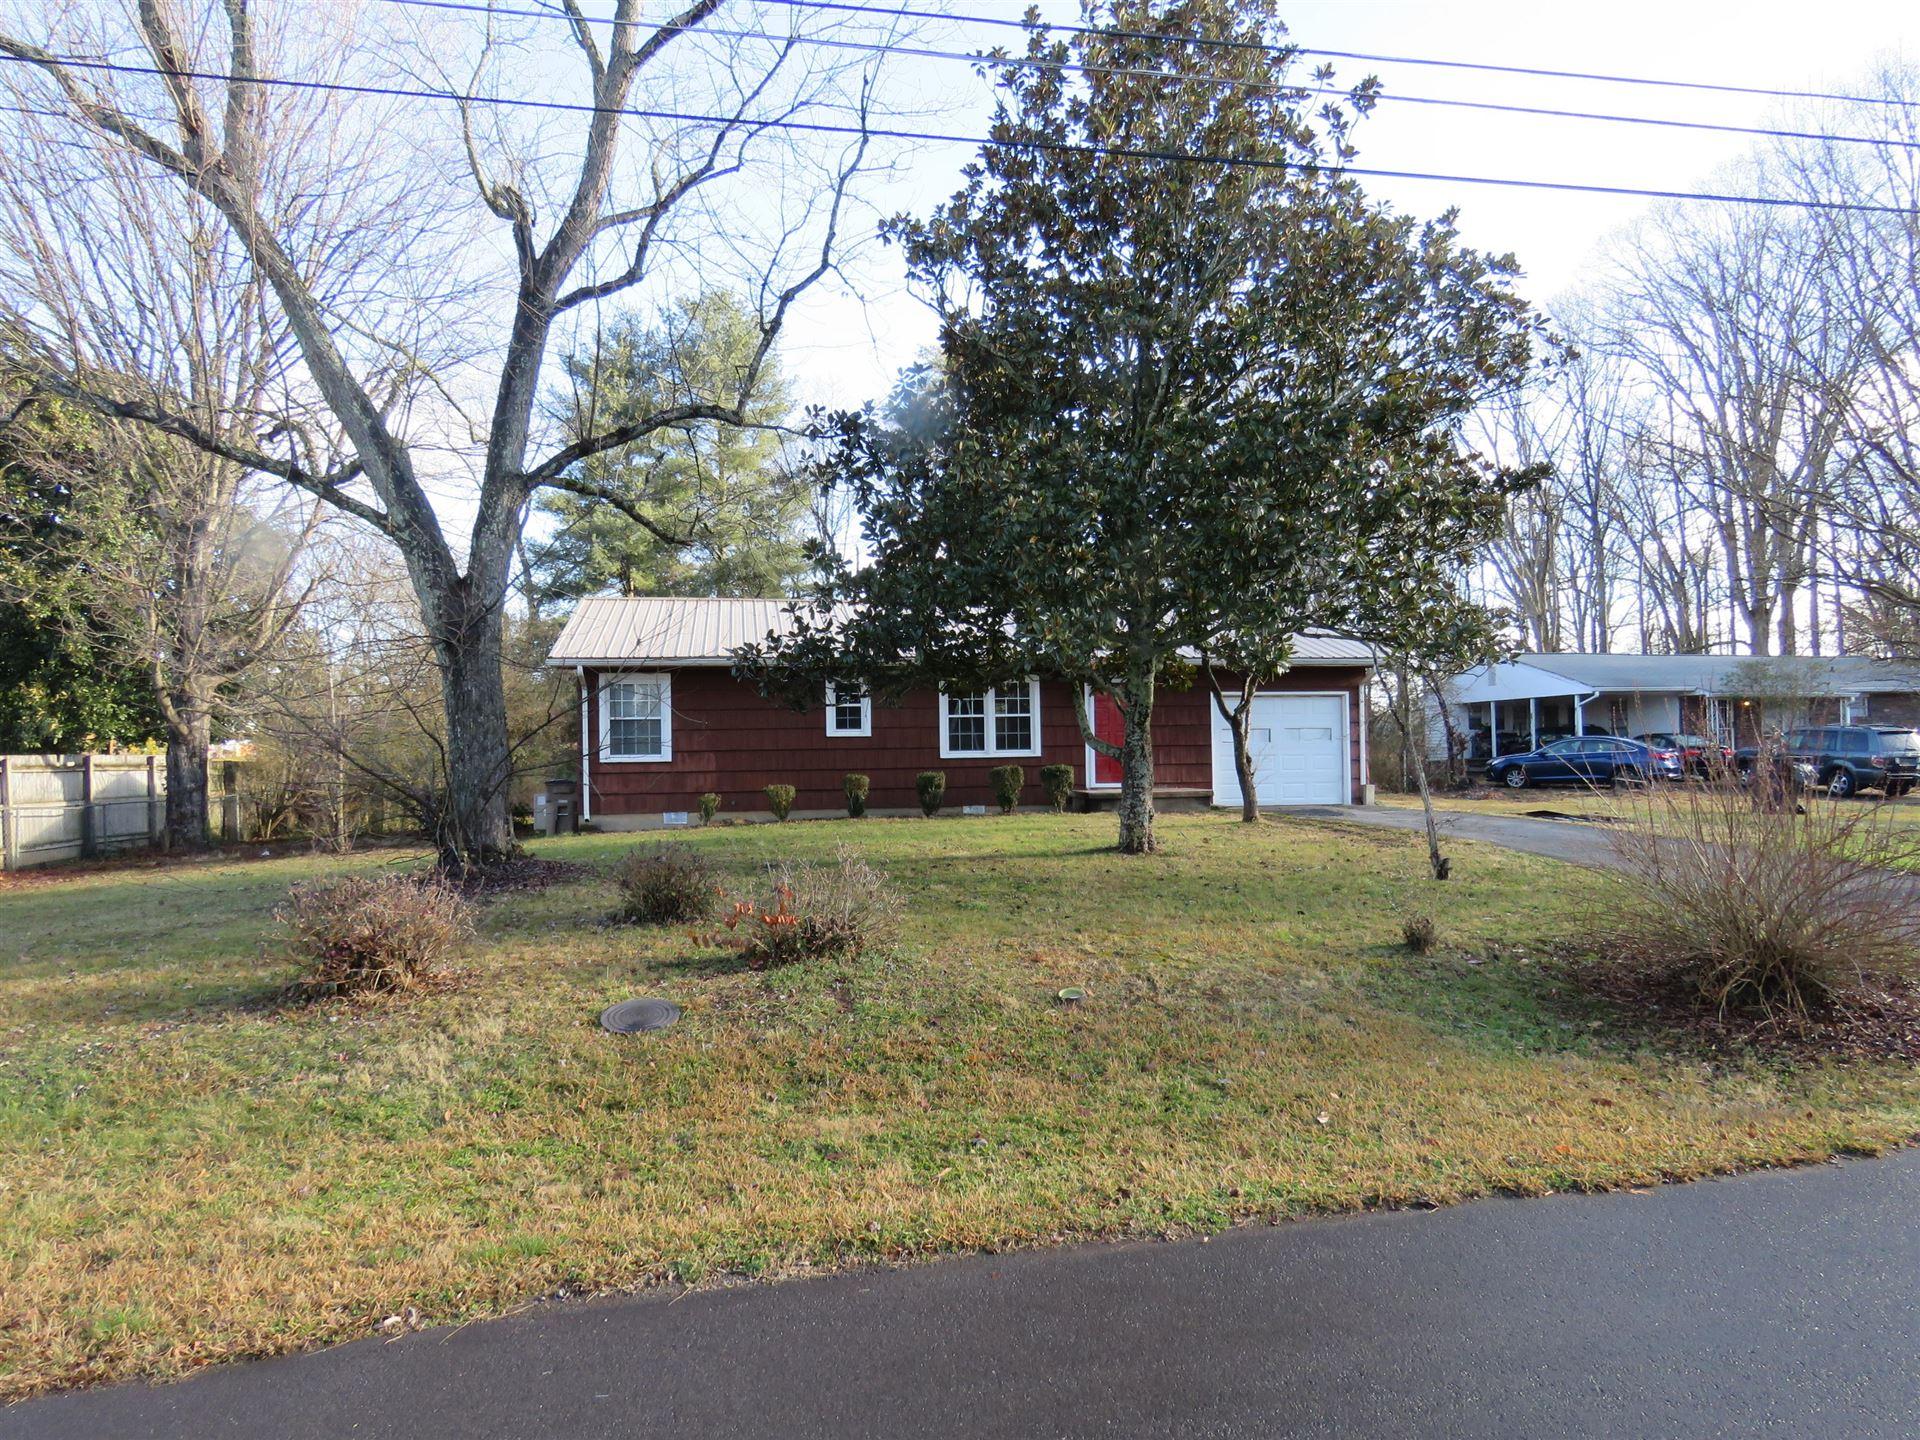 Photo of 1416 Myart Lane, Knoxville, TN 37919 (MLS # 1140107)